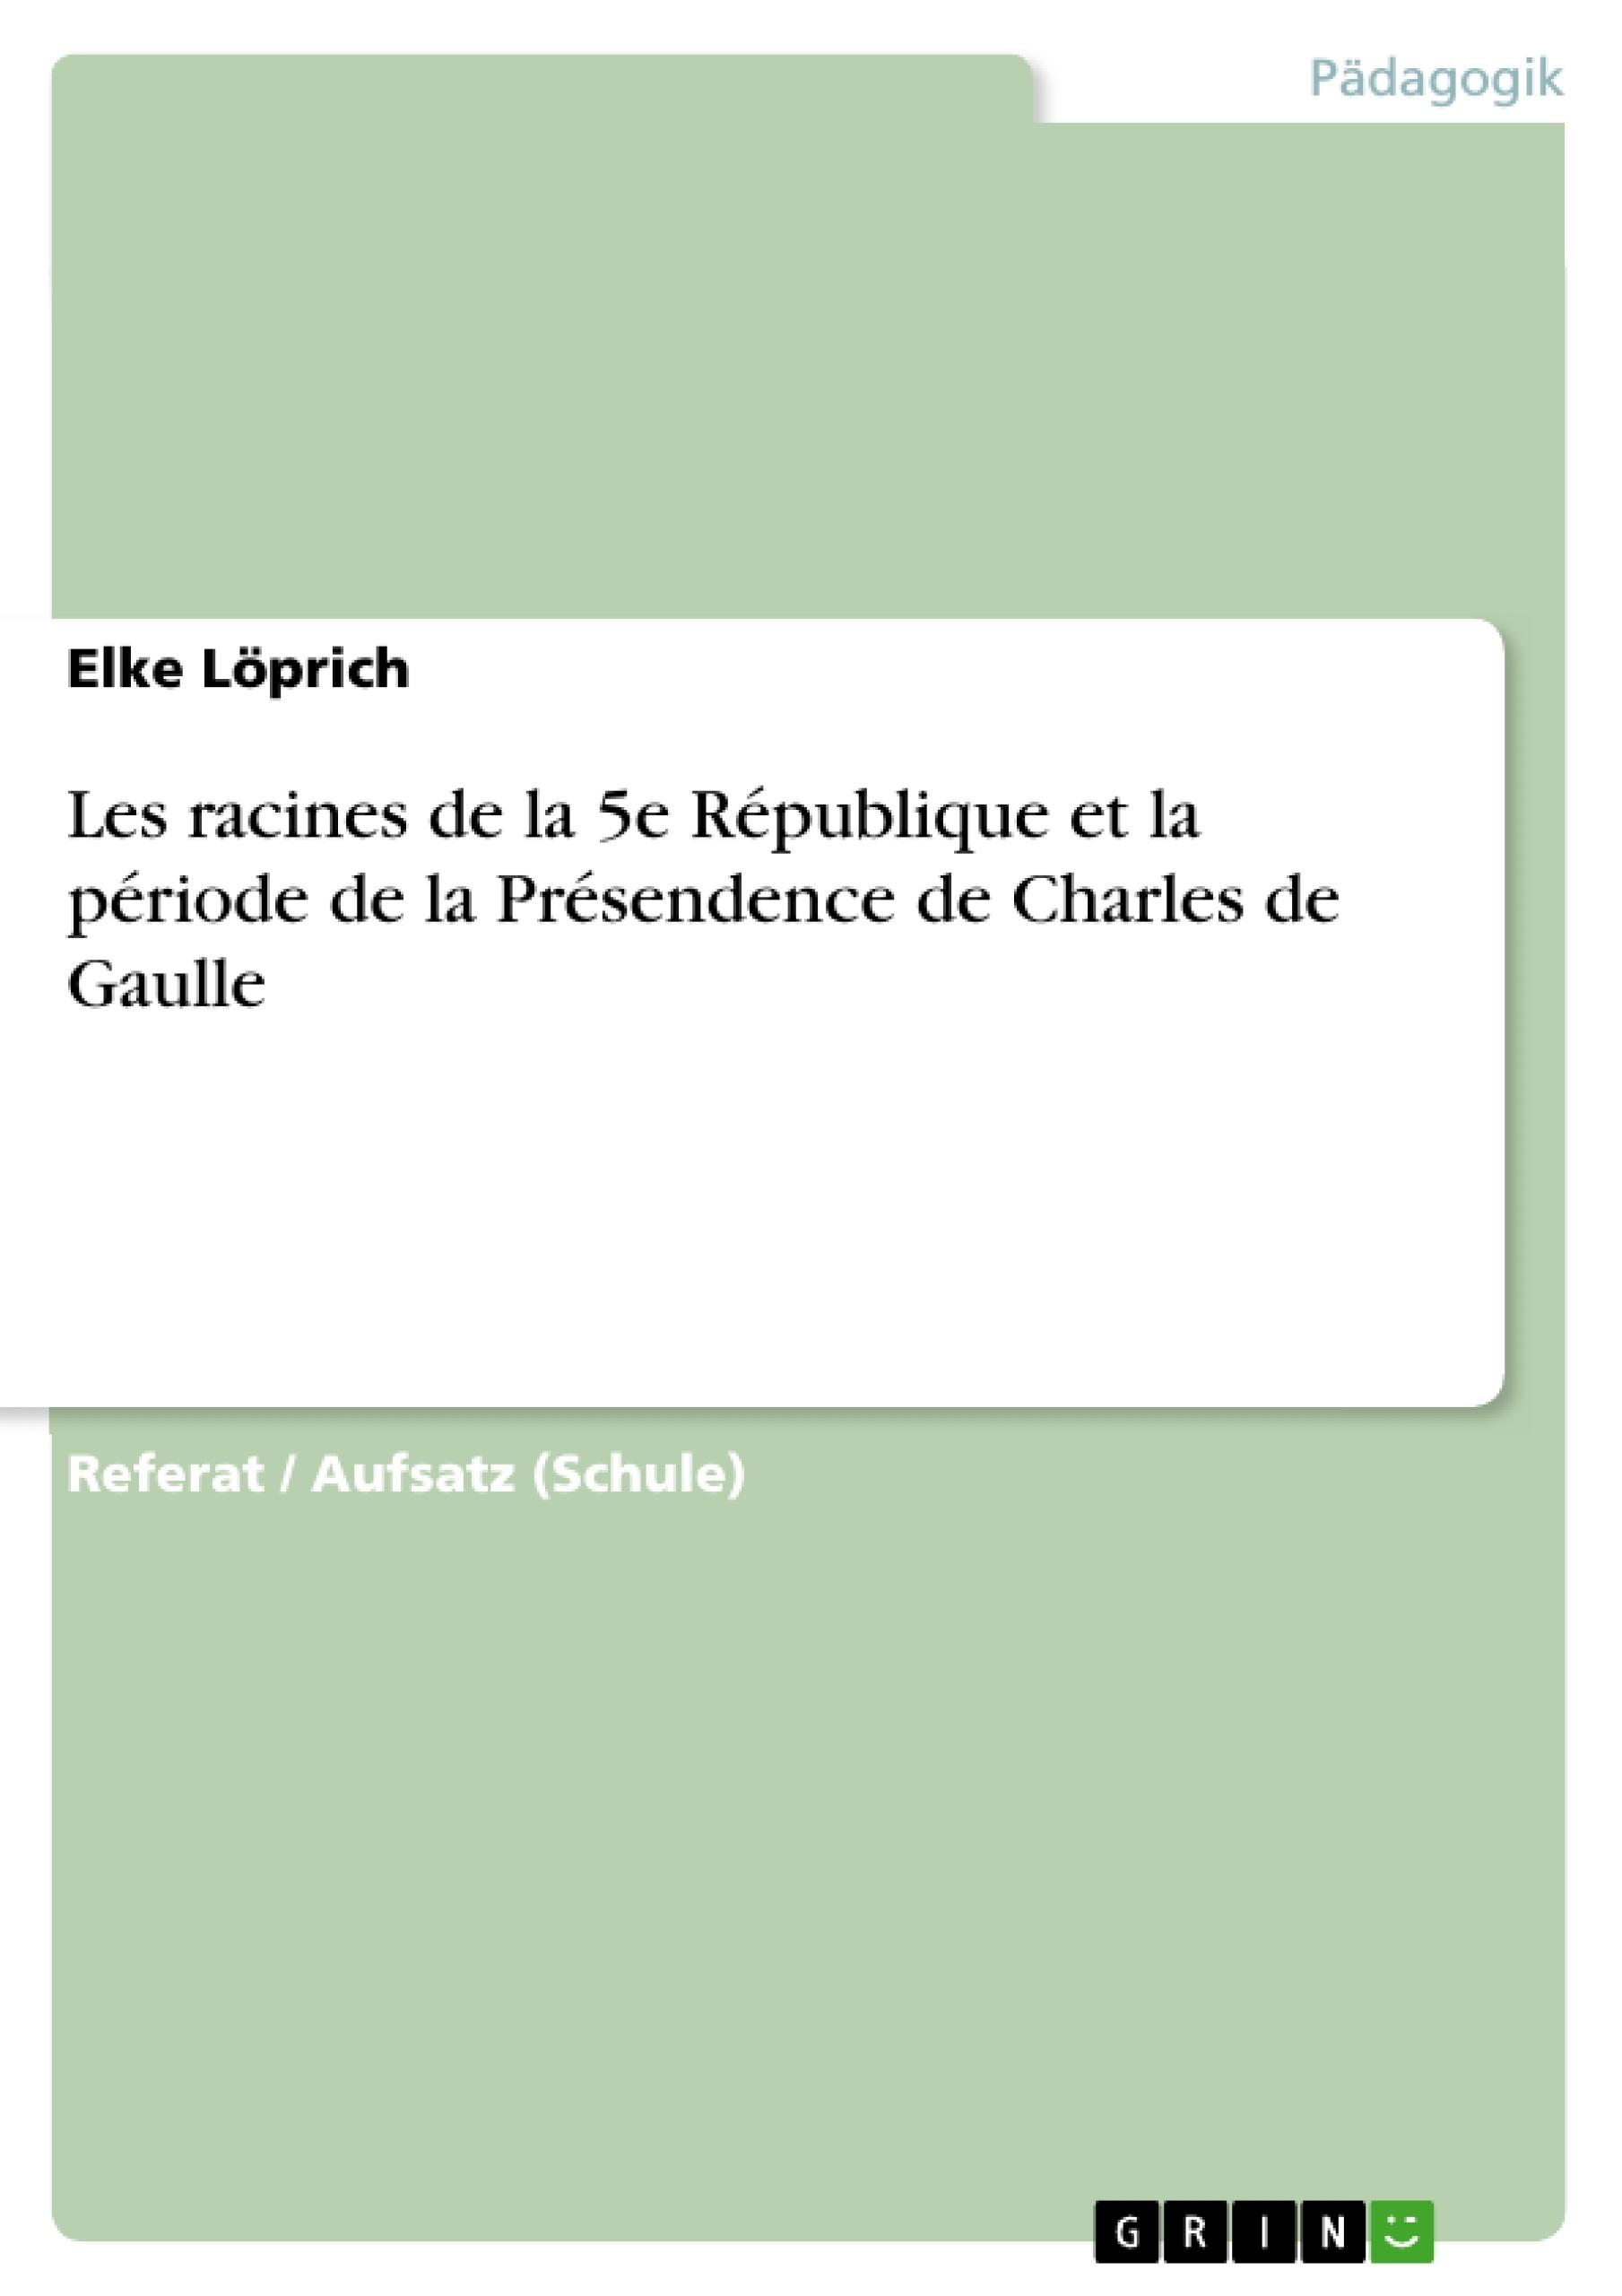 Titel: Les racines de la 5e République et la période de la Présendence de Charles de Gaulle